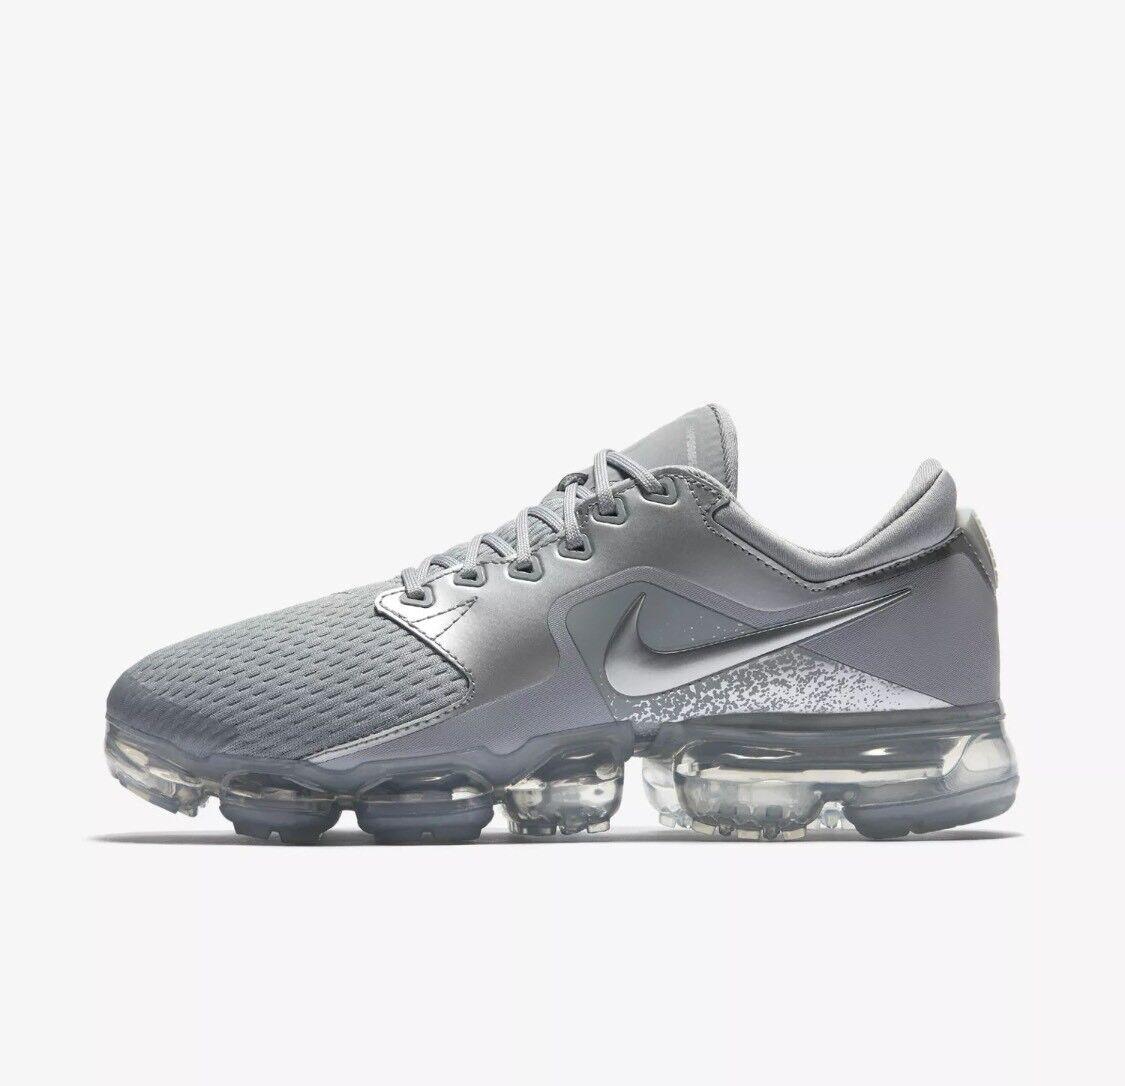 Nike Air vapormax vapormax Air lobo gris plata confortable f037f6